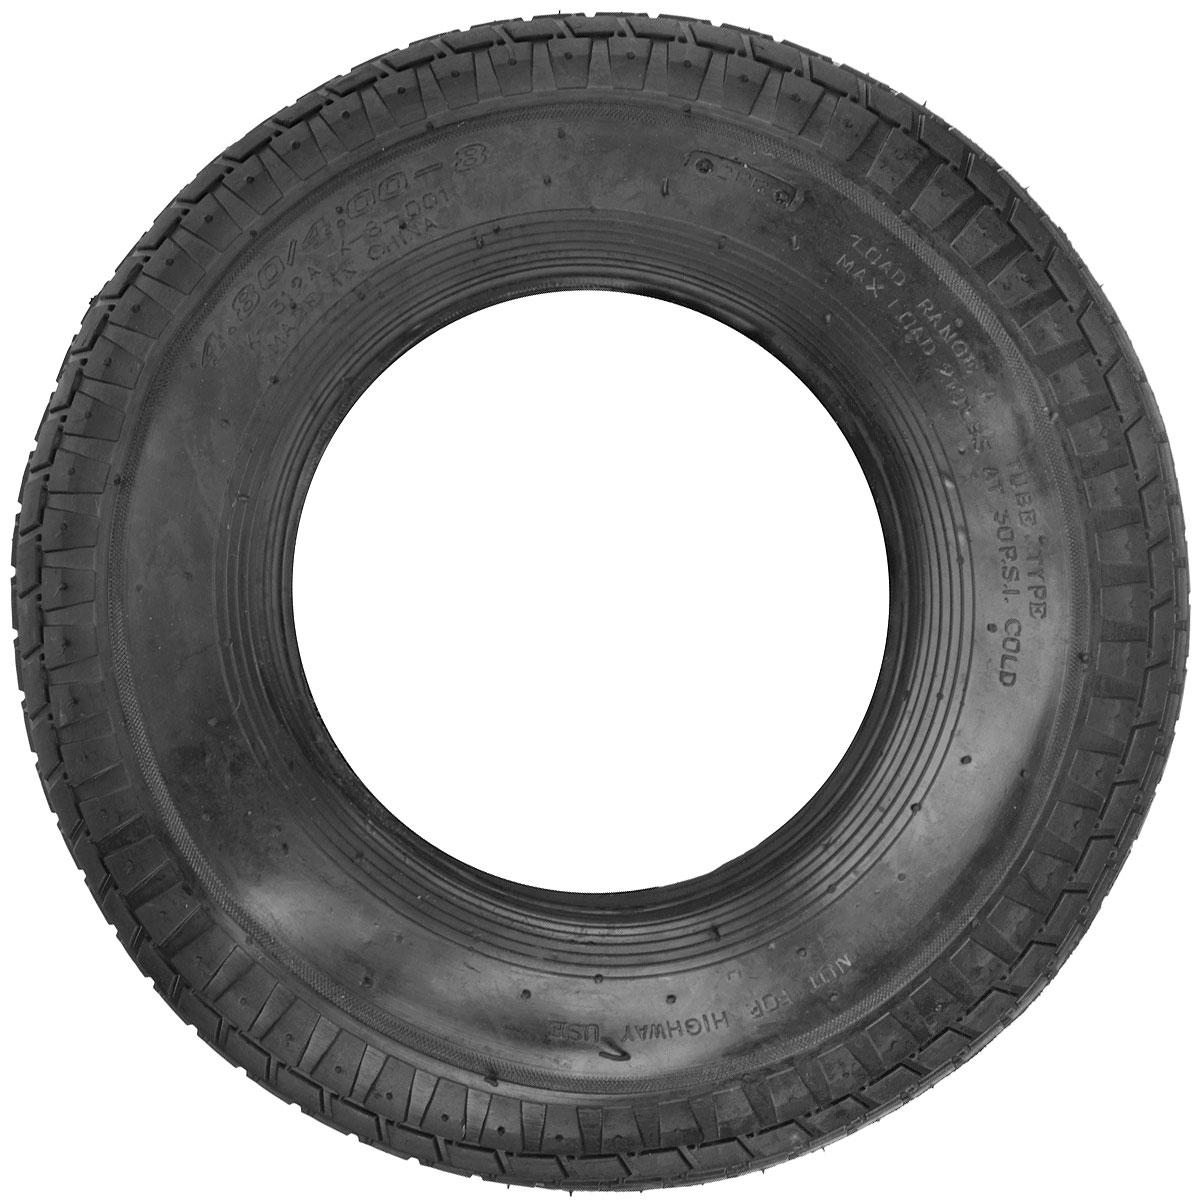 Шина запасная для колеса Fit, 4.80/4.00-8 (16 x 4)77570Шина запасная для колеса Fit является запасным элементом для тачки. Диаметр надувного колеса 16 x 4. Рабочее давление 2 атм (бар). Максимальное давление 3,2 атм (бар). Характеристики: Материал: резина. Размеры шины: 16 x 4. Размеры упаковки: 40 см х 40 см х 5 см.